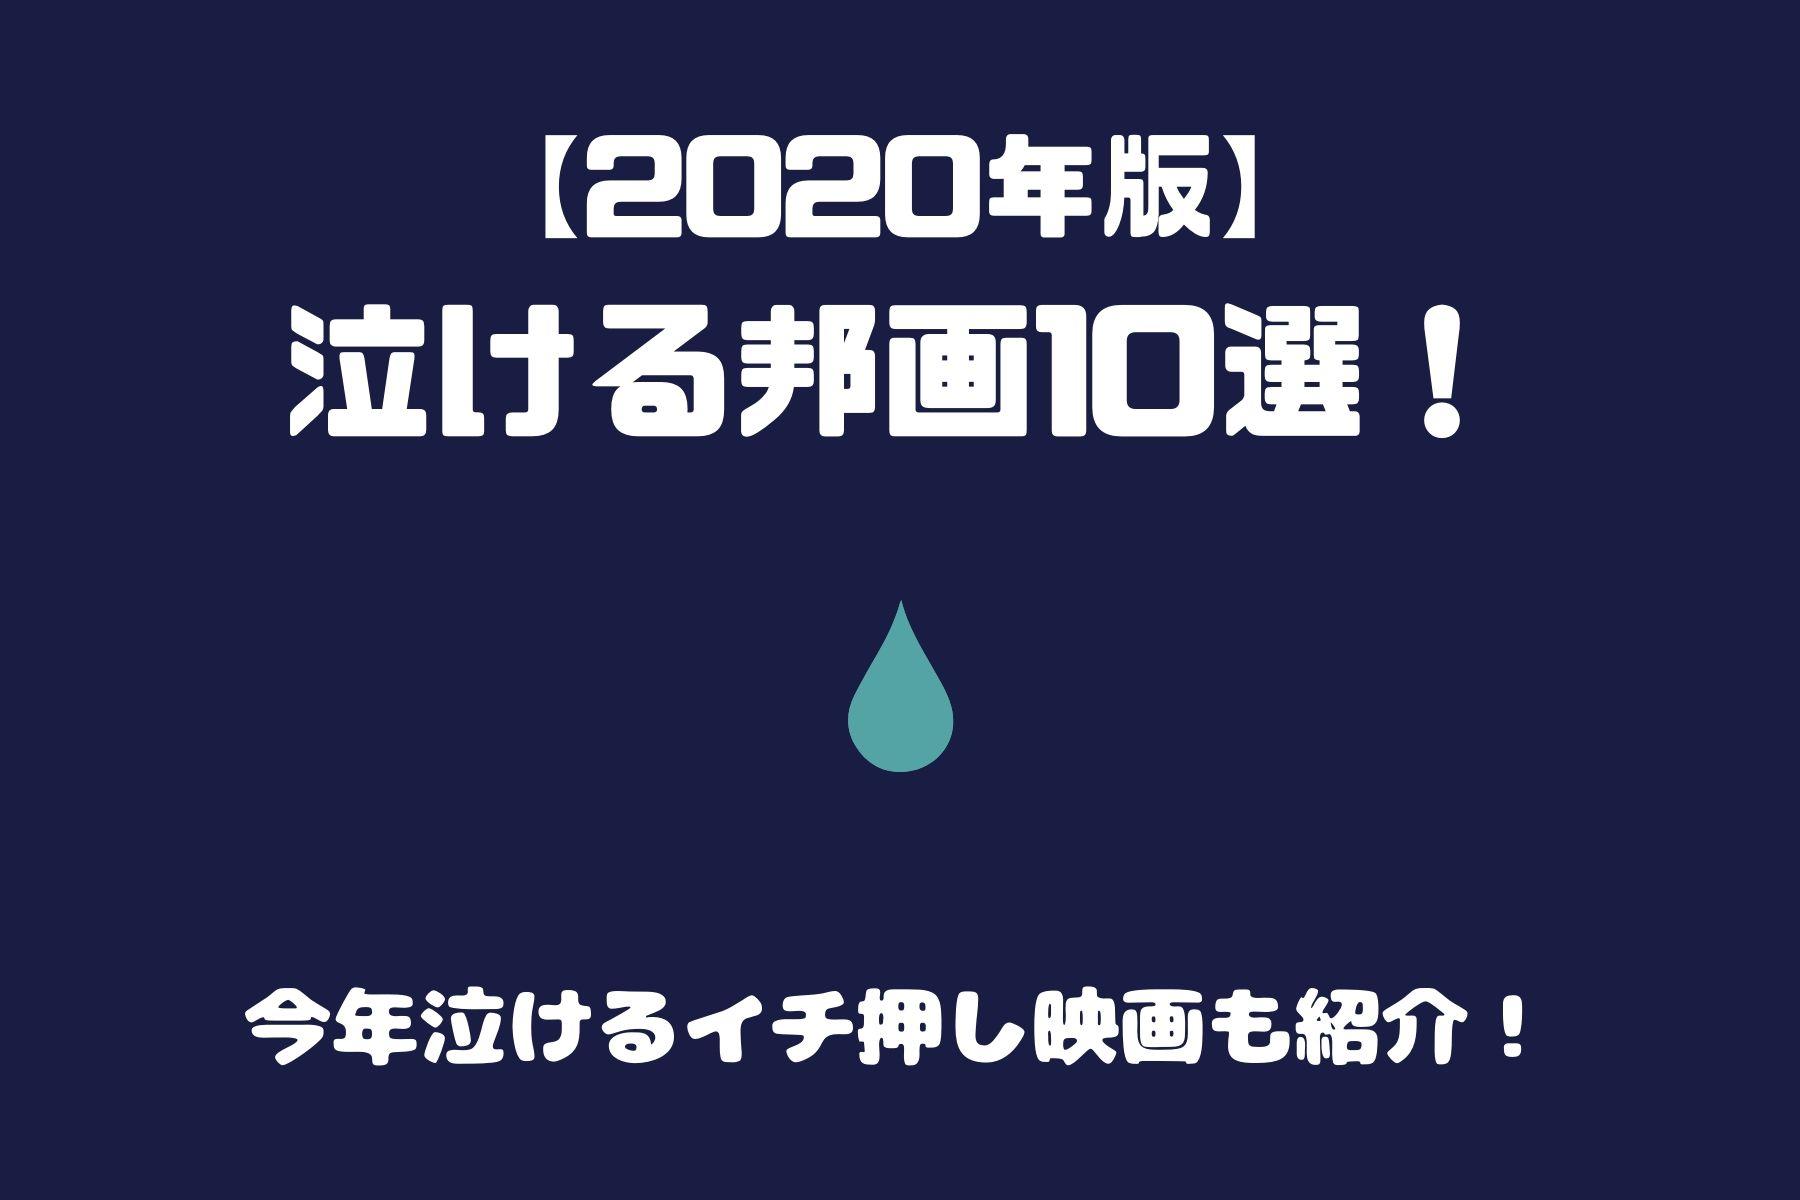 泣ける邦画10選!【2020年版】